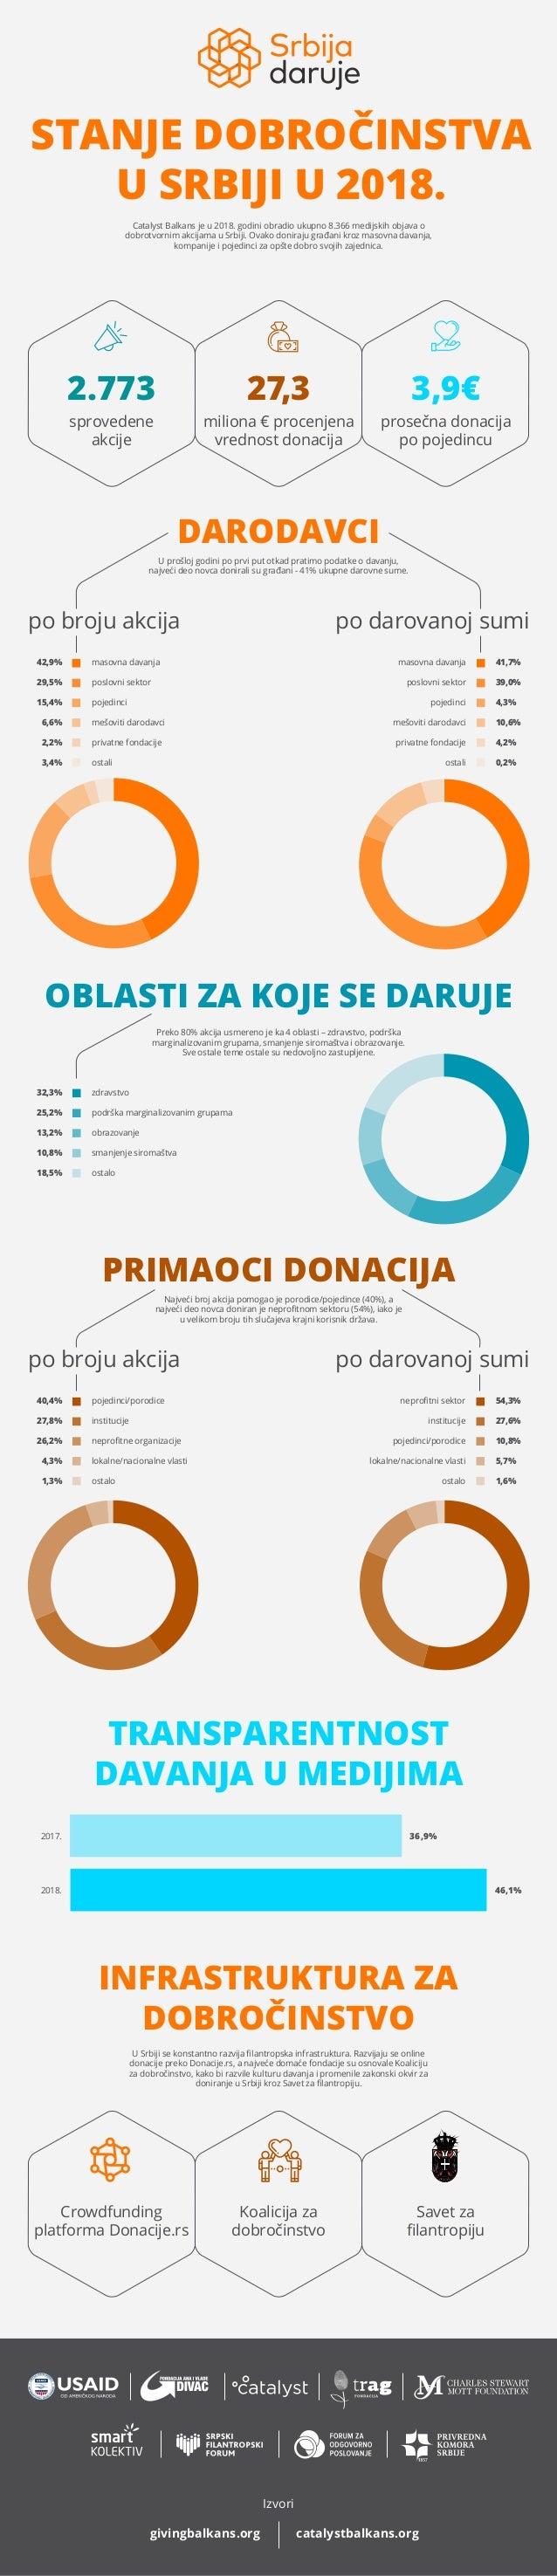 STANJE DOBROČINSTVA U SRBIJI U 2018. 2.773 27,3 3,9€ sprovedene akcije prosečna donacija po pojedincu miliona € procenjena...